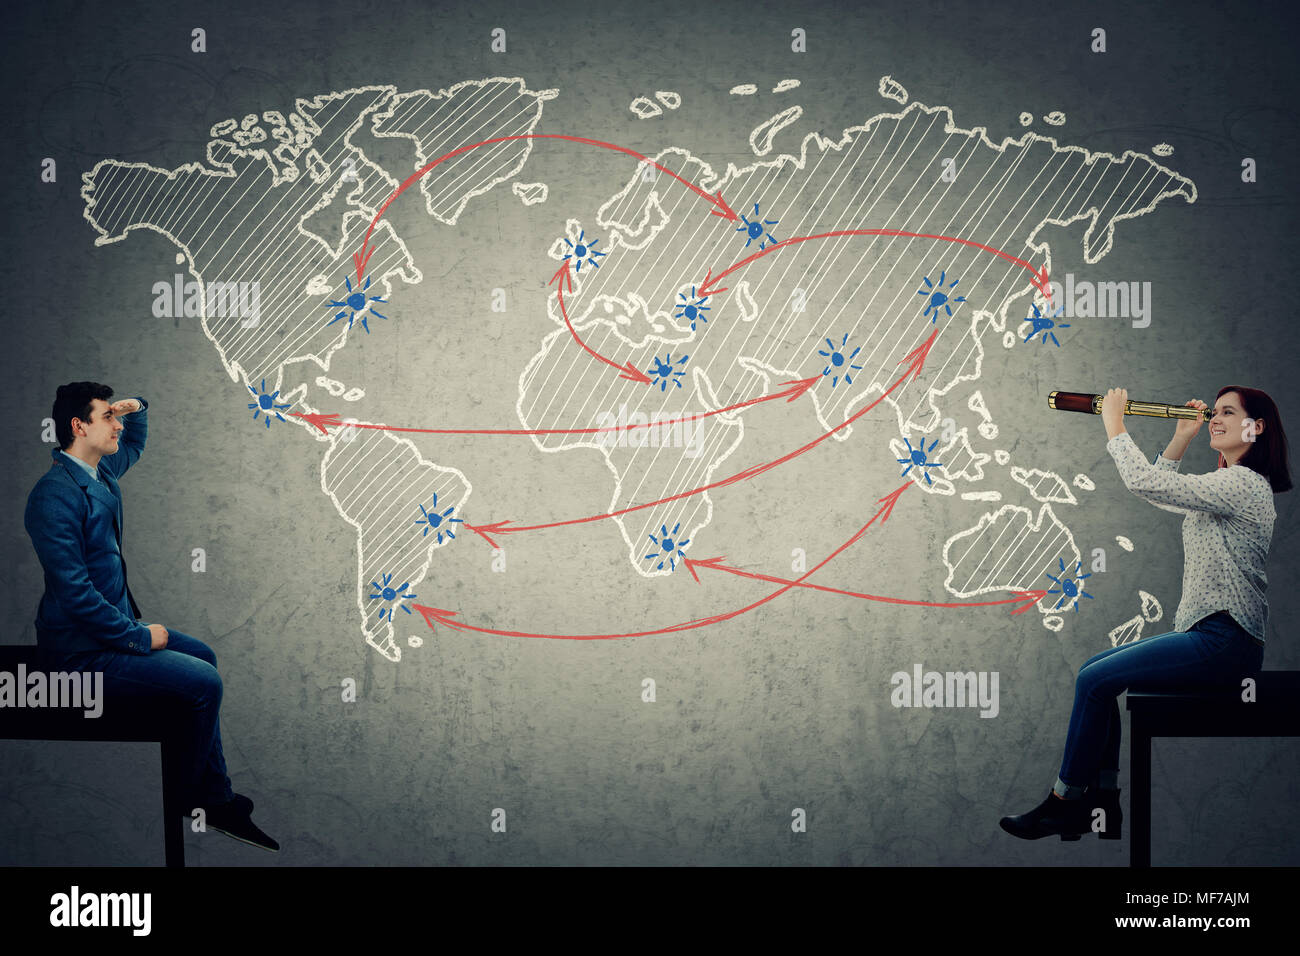 Global Business Konzept, wie ein junger Mann und eine Frau auf der Suche nach einer Route auf der Karte der Welt. Stockbild